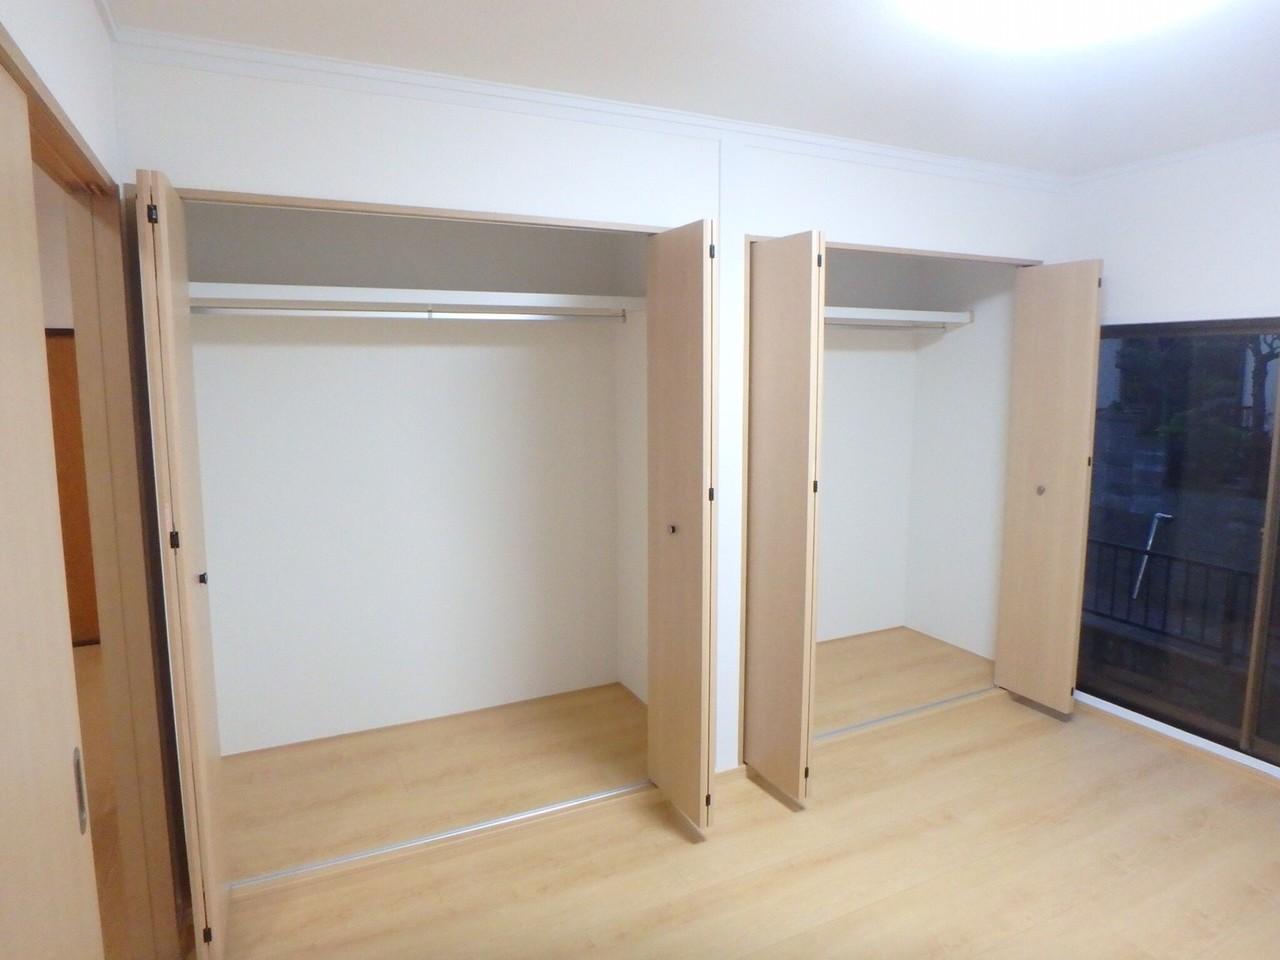 6畳洋室の収納です。クローゼットが2つもついているので、種類別に分けたりご兄弟で分けたりと使い方はあなた次第!